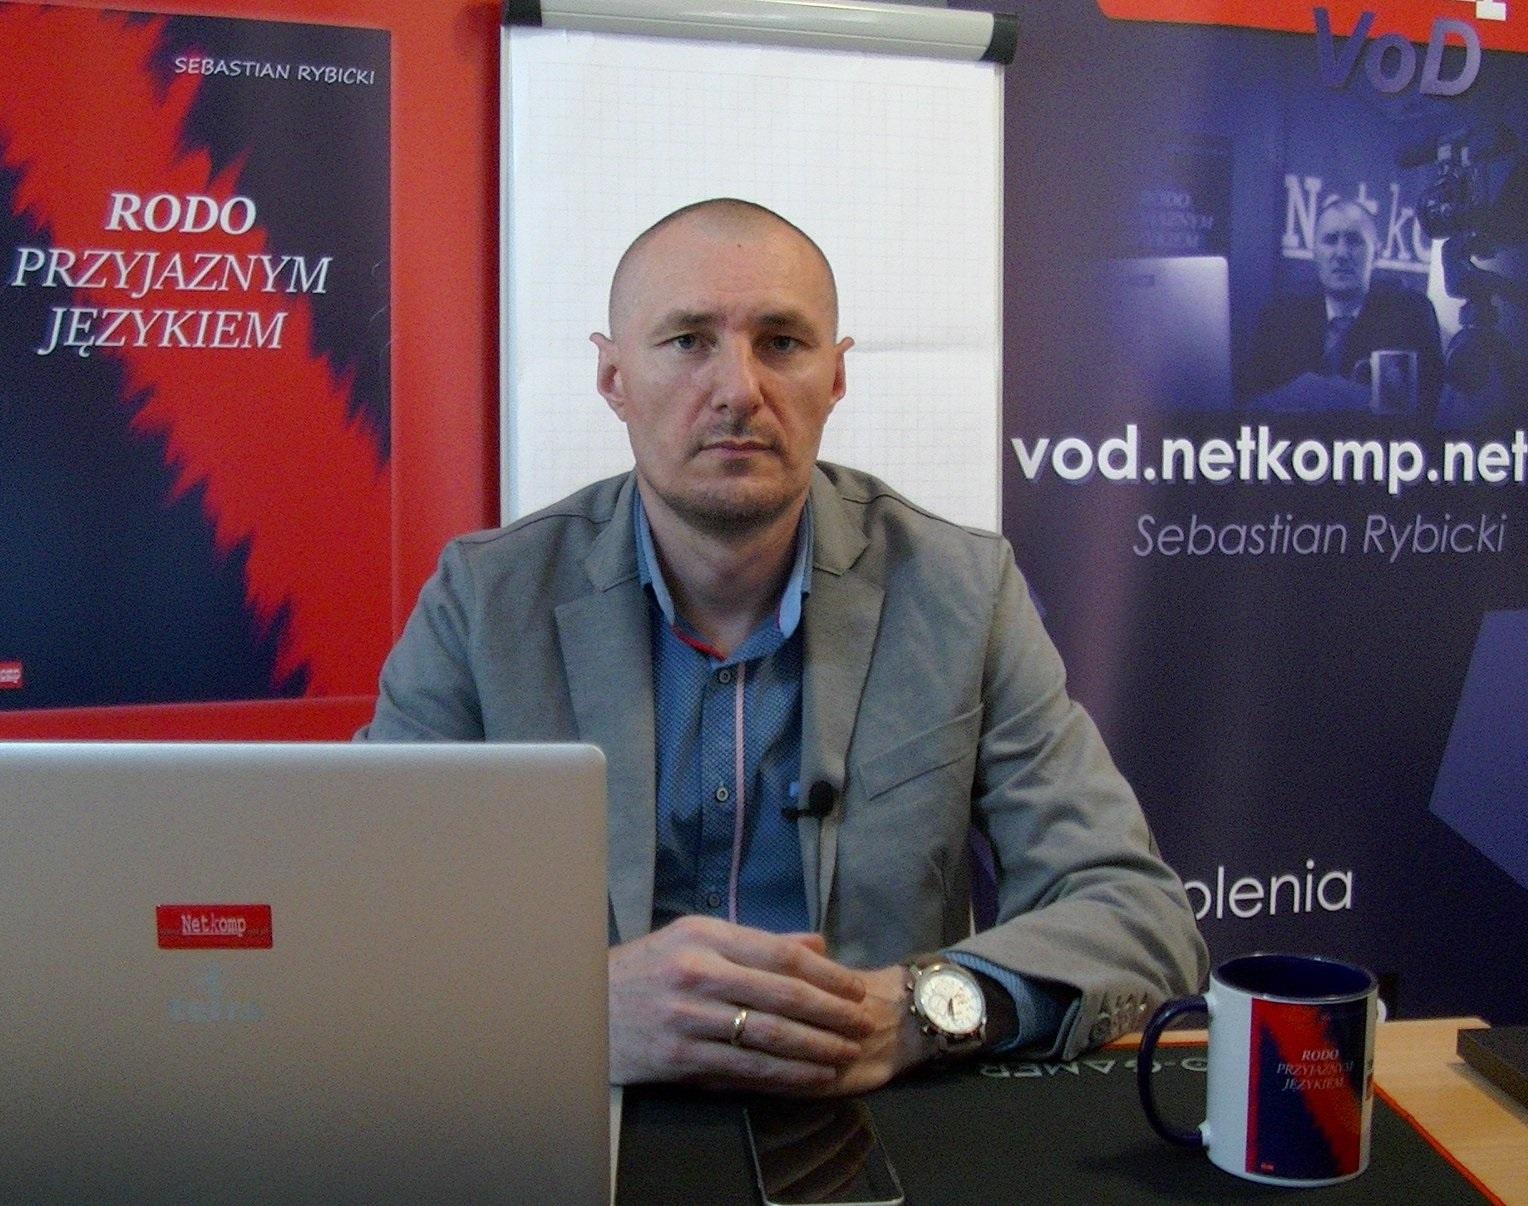 Netkomp Sebastian Rybicki,